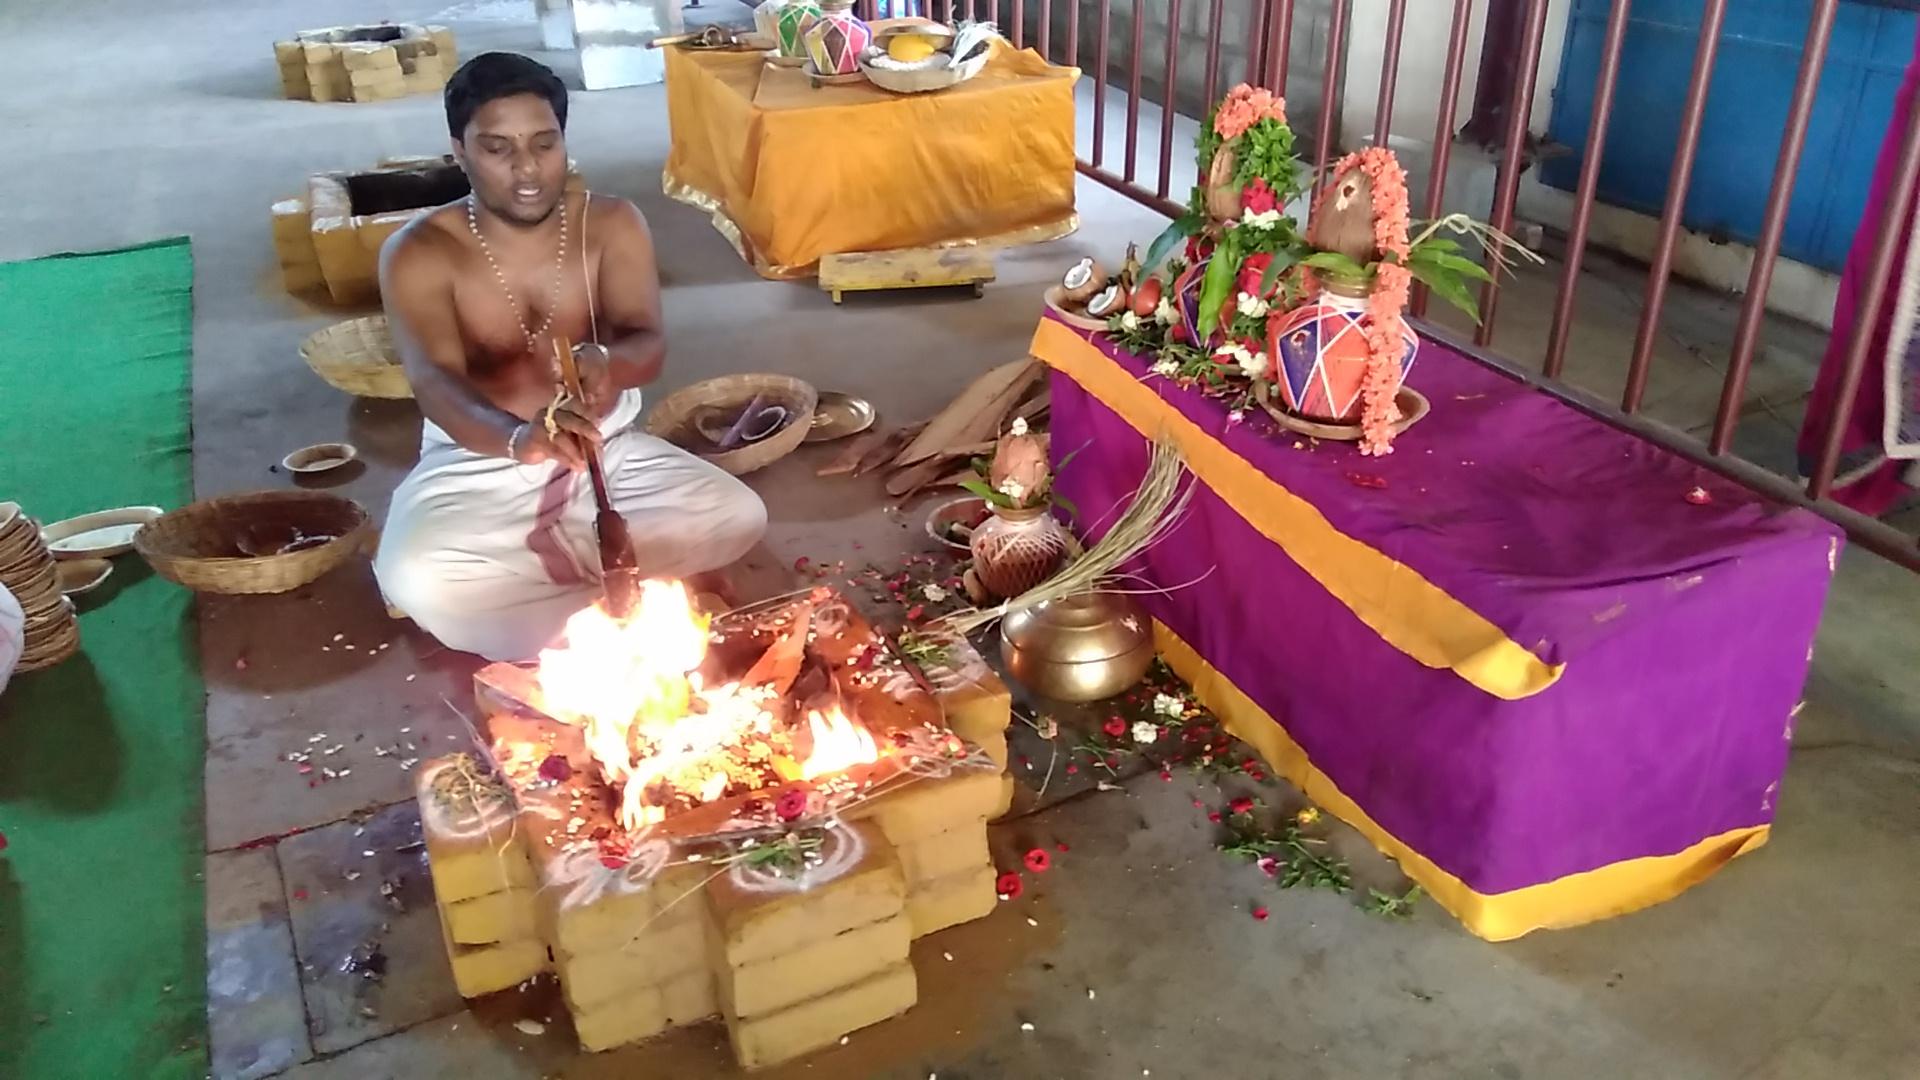 ஸ்ரீதன்வந்திரி பீடத்தில் சத்ரு சம்ஹார ஸ்கந்த ஹோமம்..!